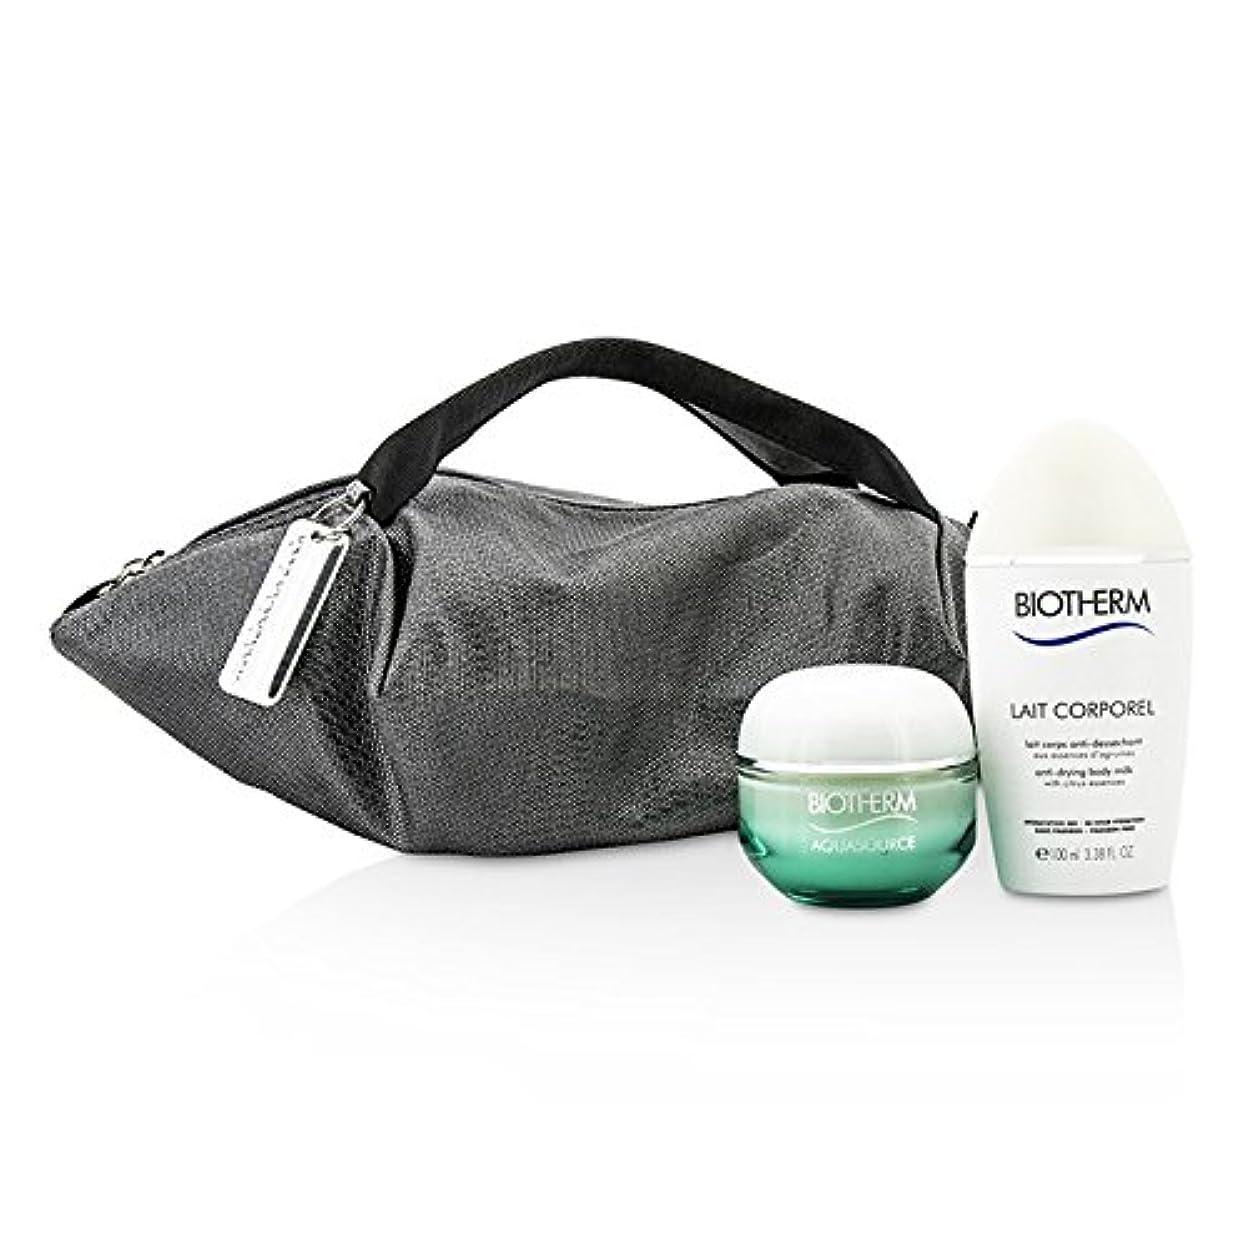 キャラバン敷居評論家ビオテルム Aquasource & Body Care X Mandarina Duck Coffret: Cream N/C 50ml + Anti-Drying Body Care 100ml + Handle Bag...